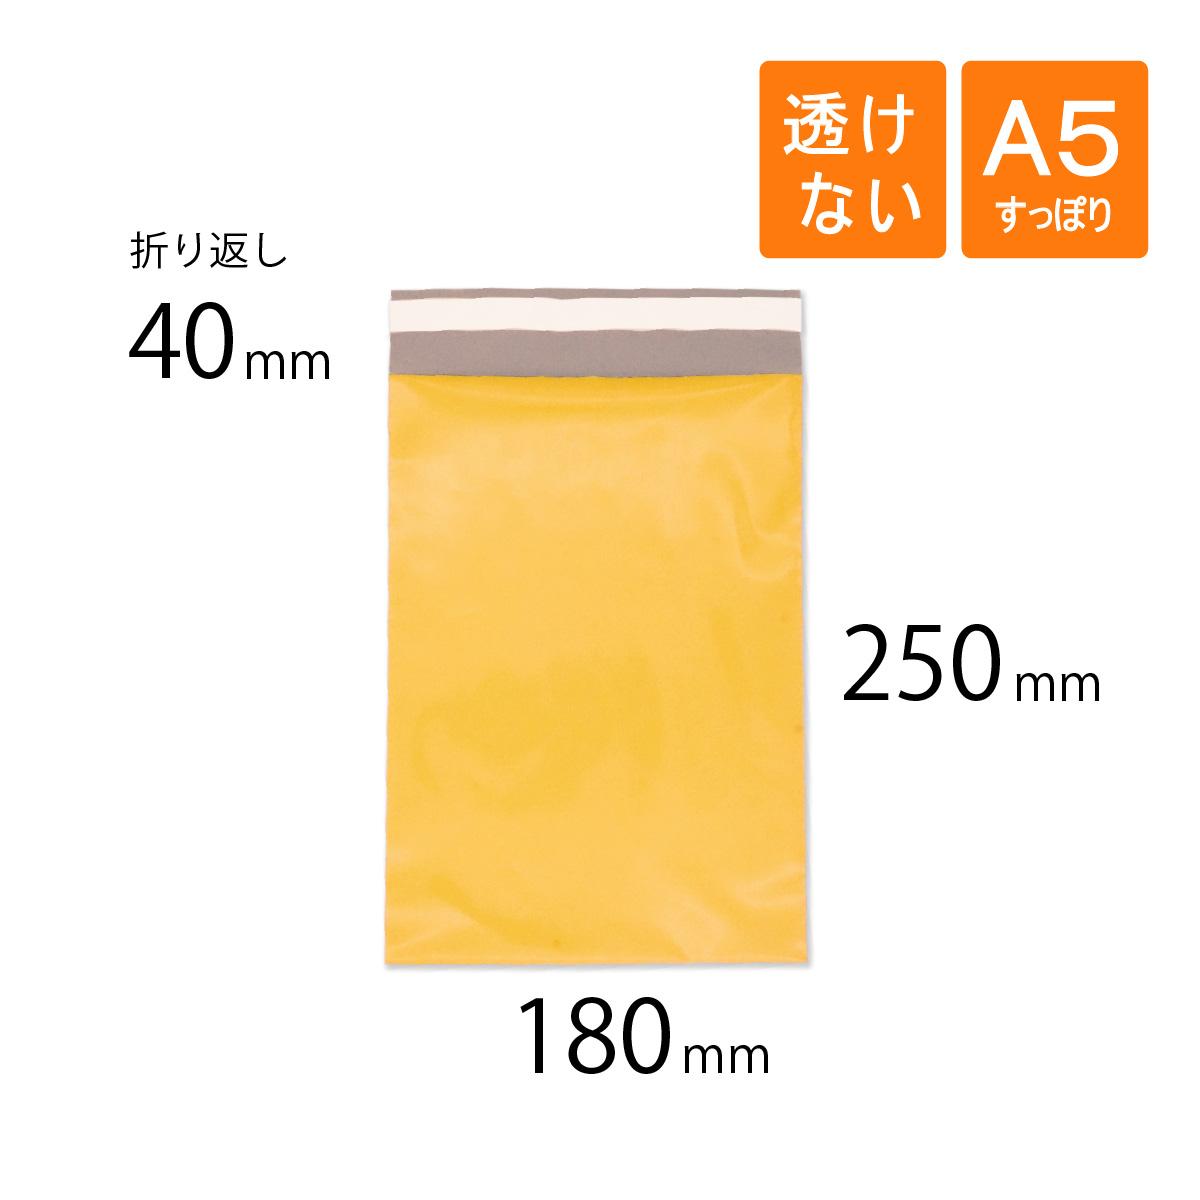 宅配ビニール袋 黄色 180×250mm